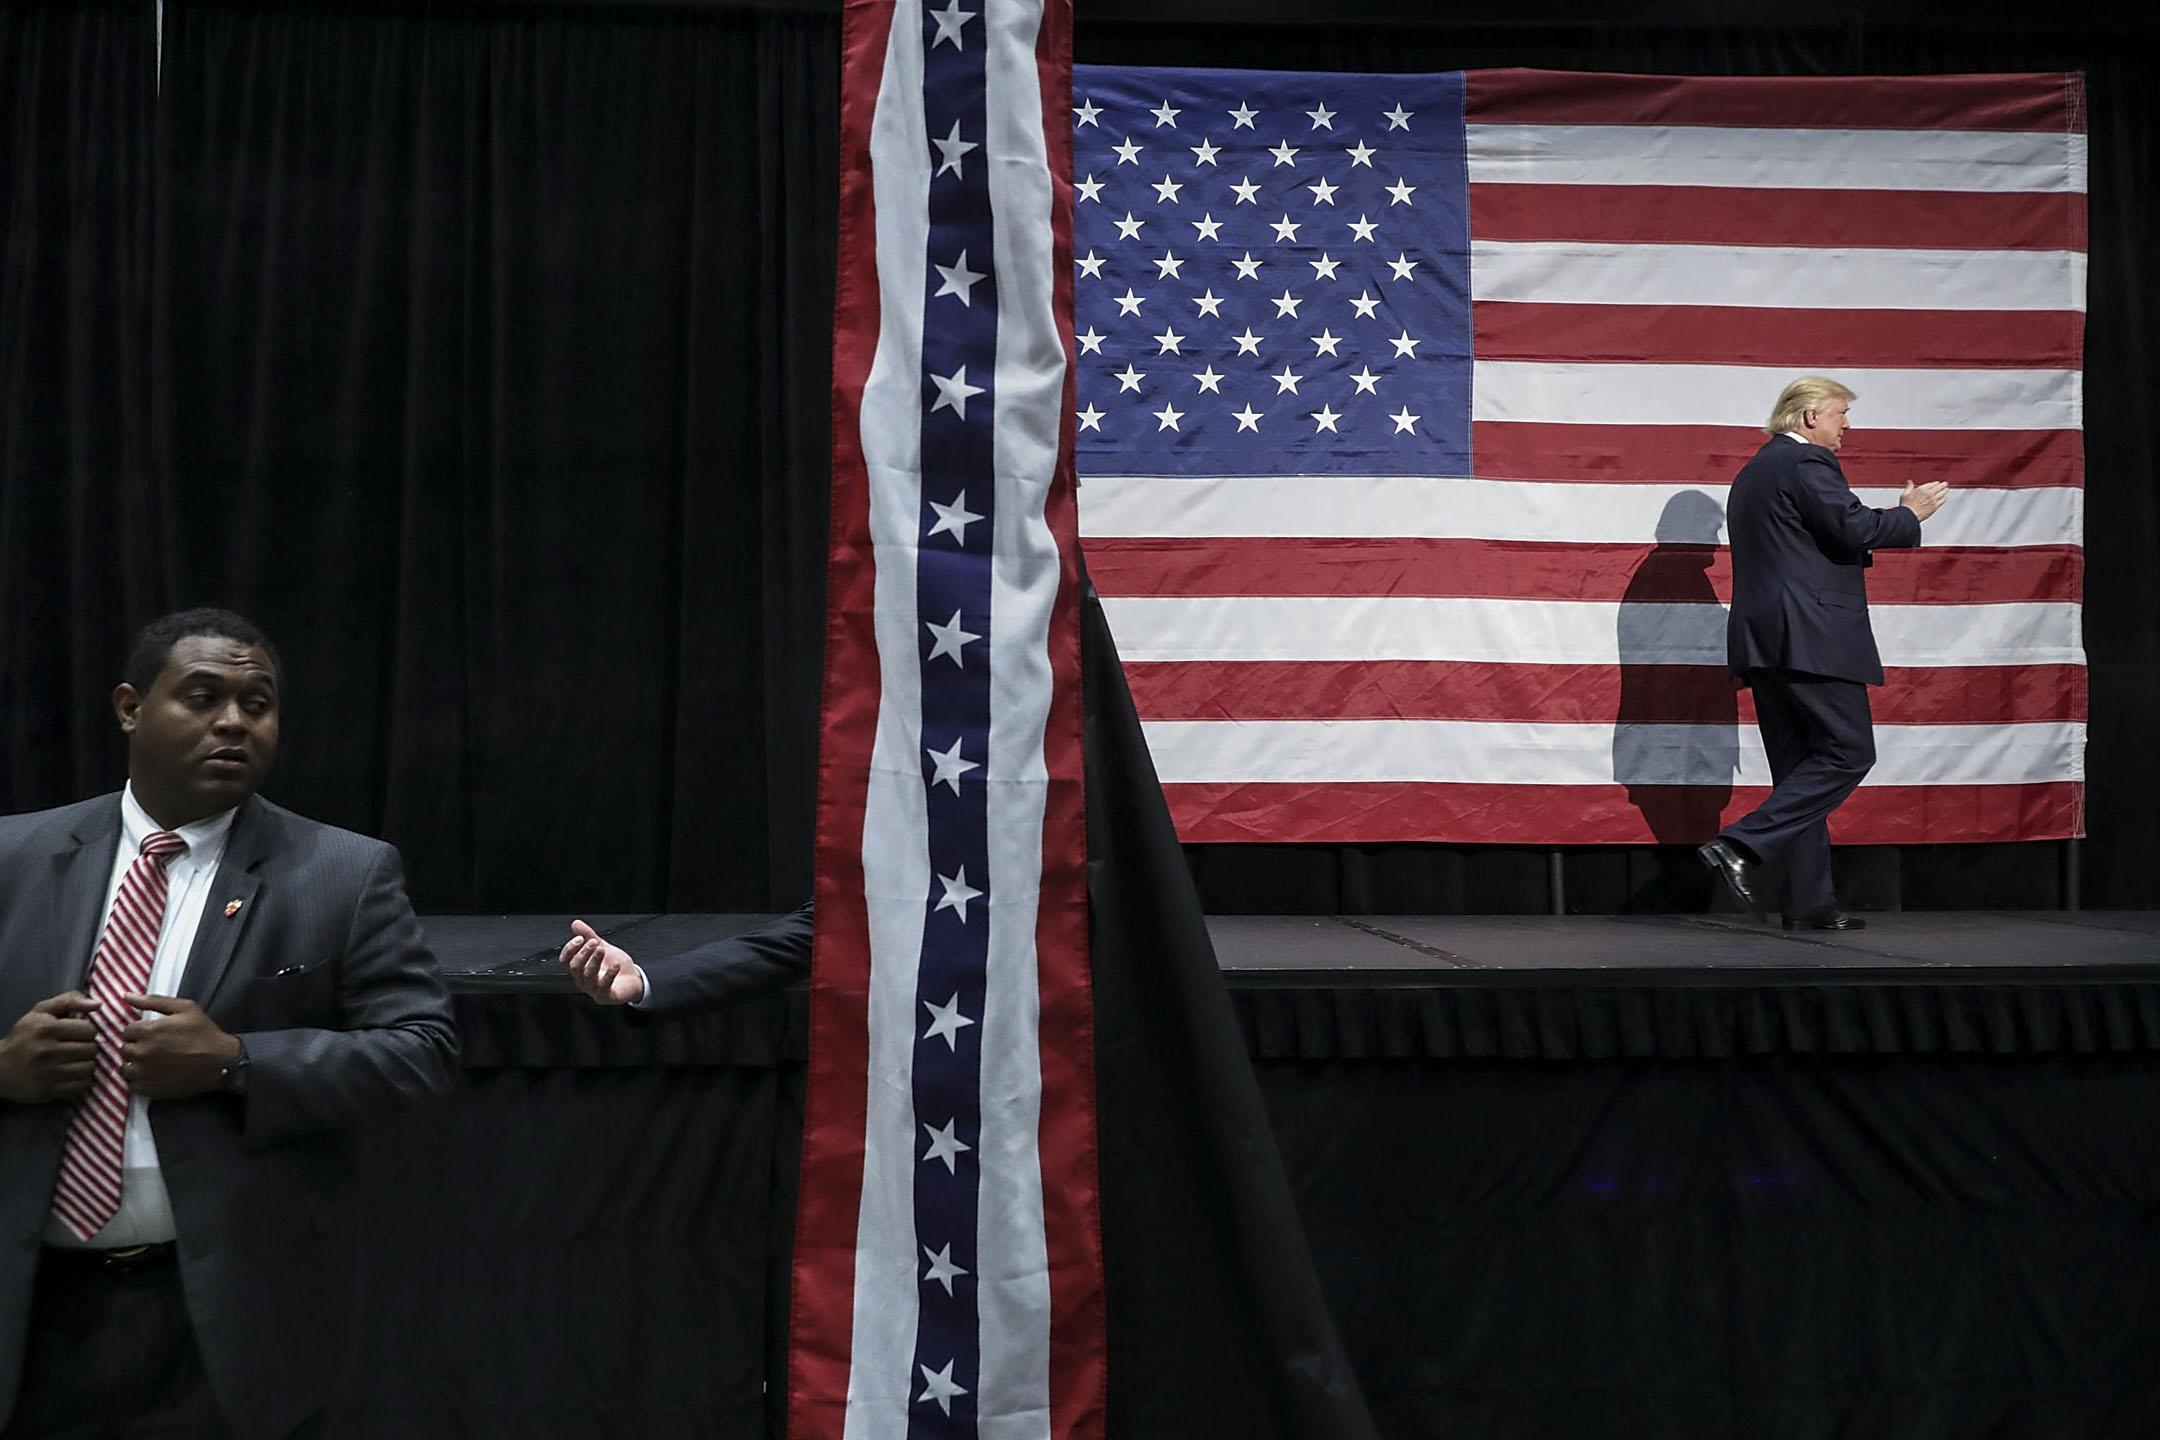 2016年特朗普於美國大選的勝利,不但標誌着美國政治的分水嶺,也可能會成為整個世界秩序的分水嶺,因為這個世界正在邁入以民粹主義、民族主義為標誌的新紀元。